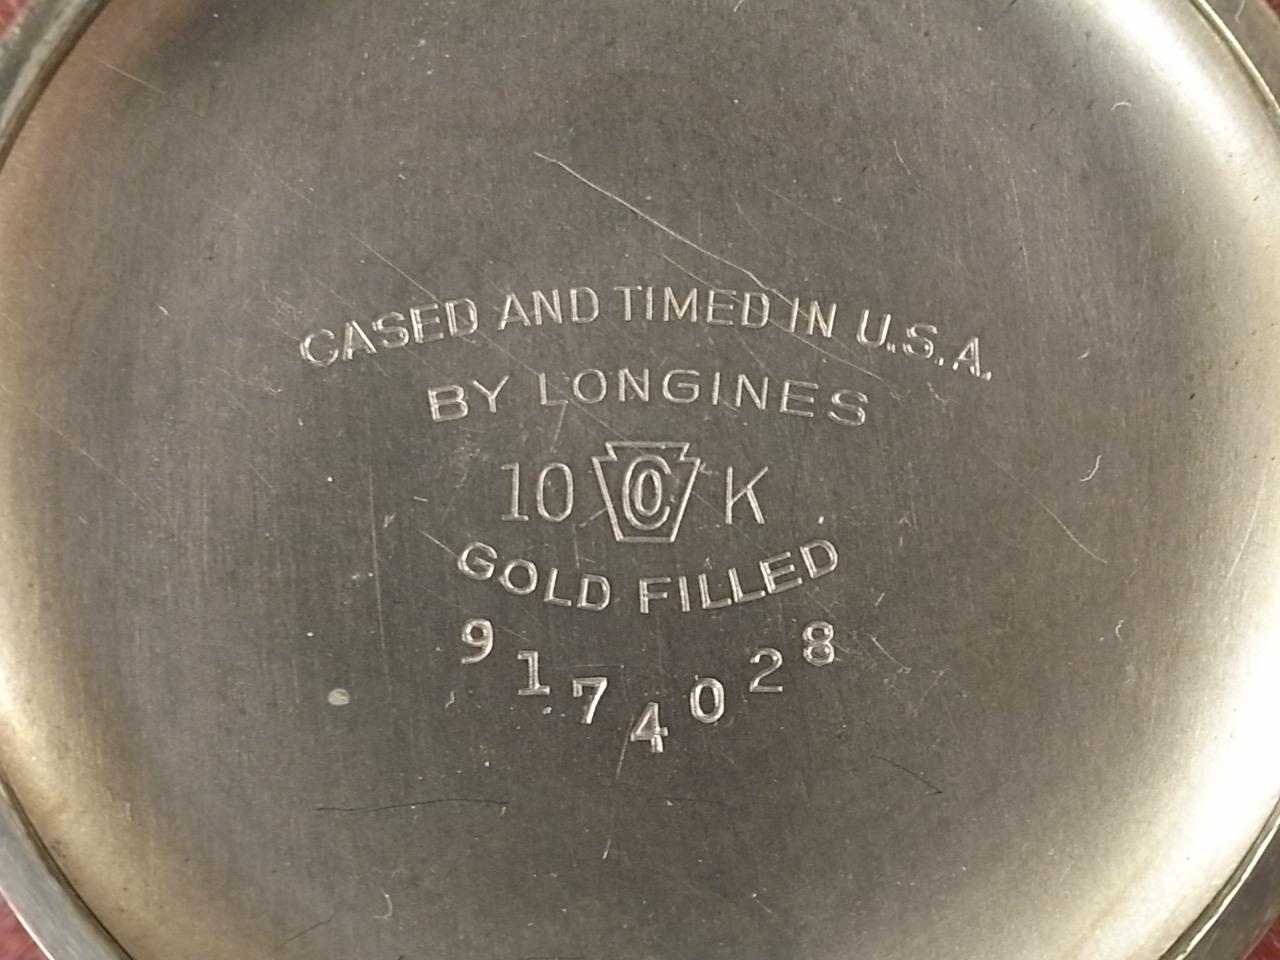 ロンジン リンドバーグ 航空時計 10KYGF キャリバー12L(12.68N) 1940年代の写真6枚目